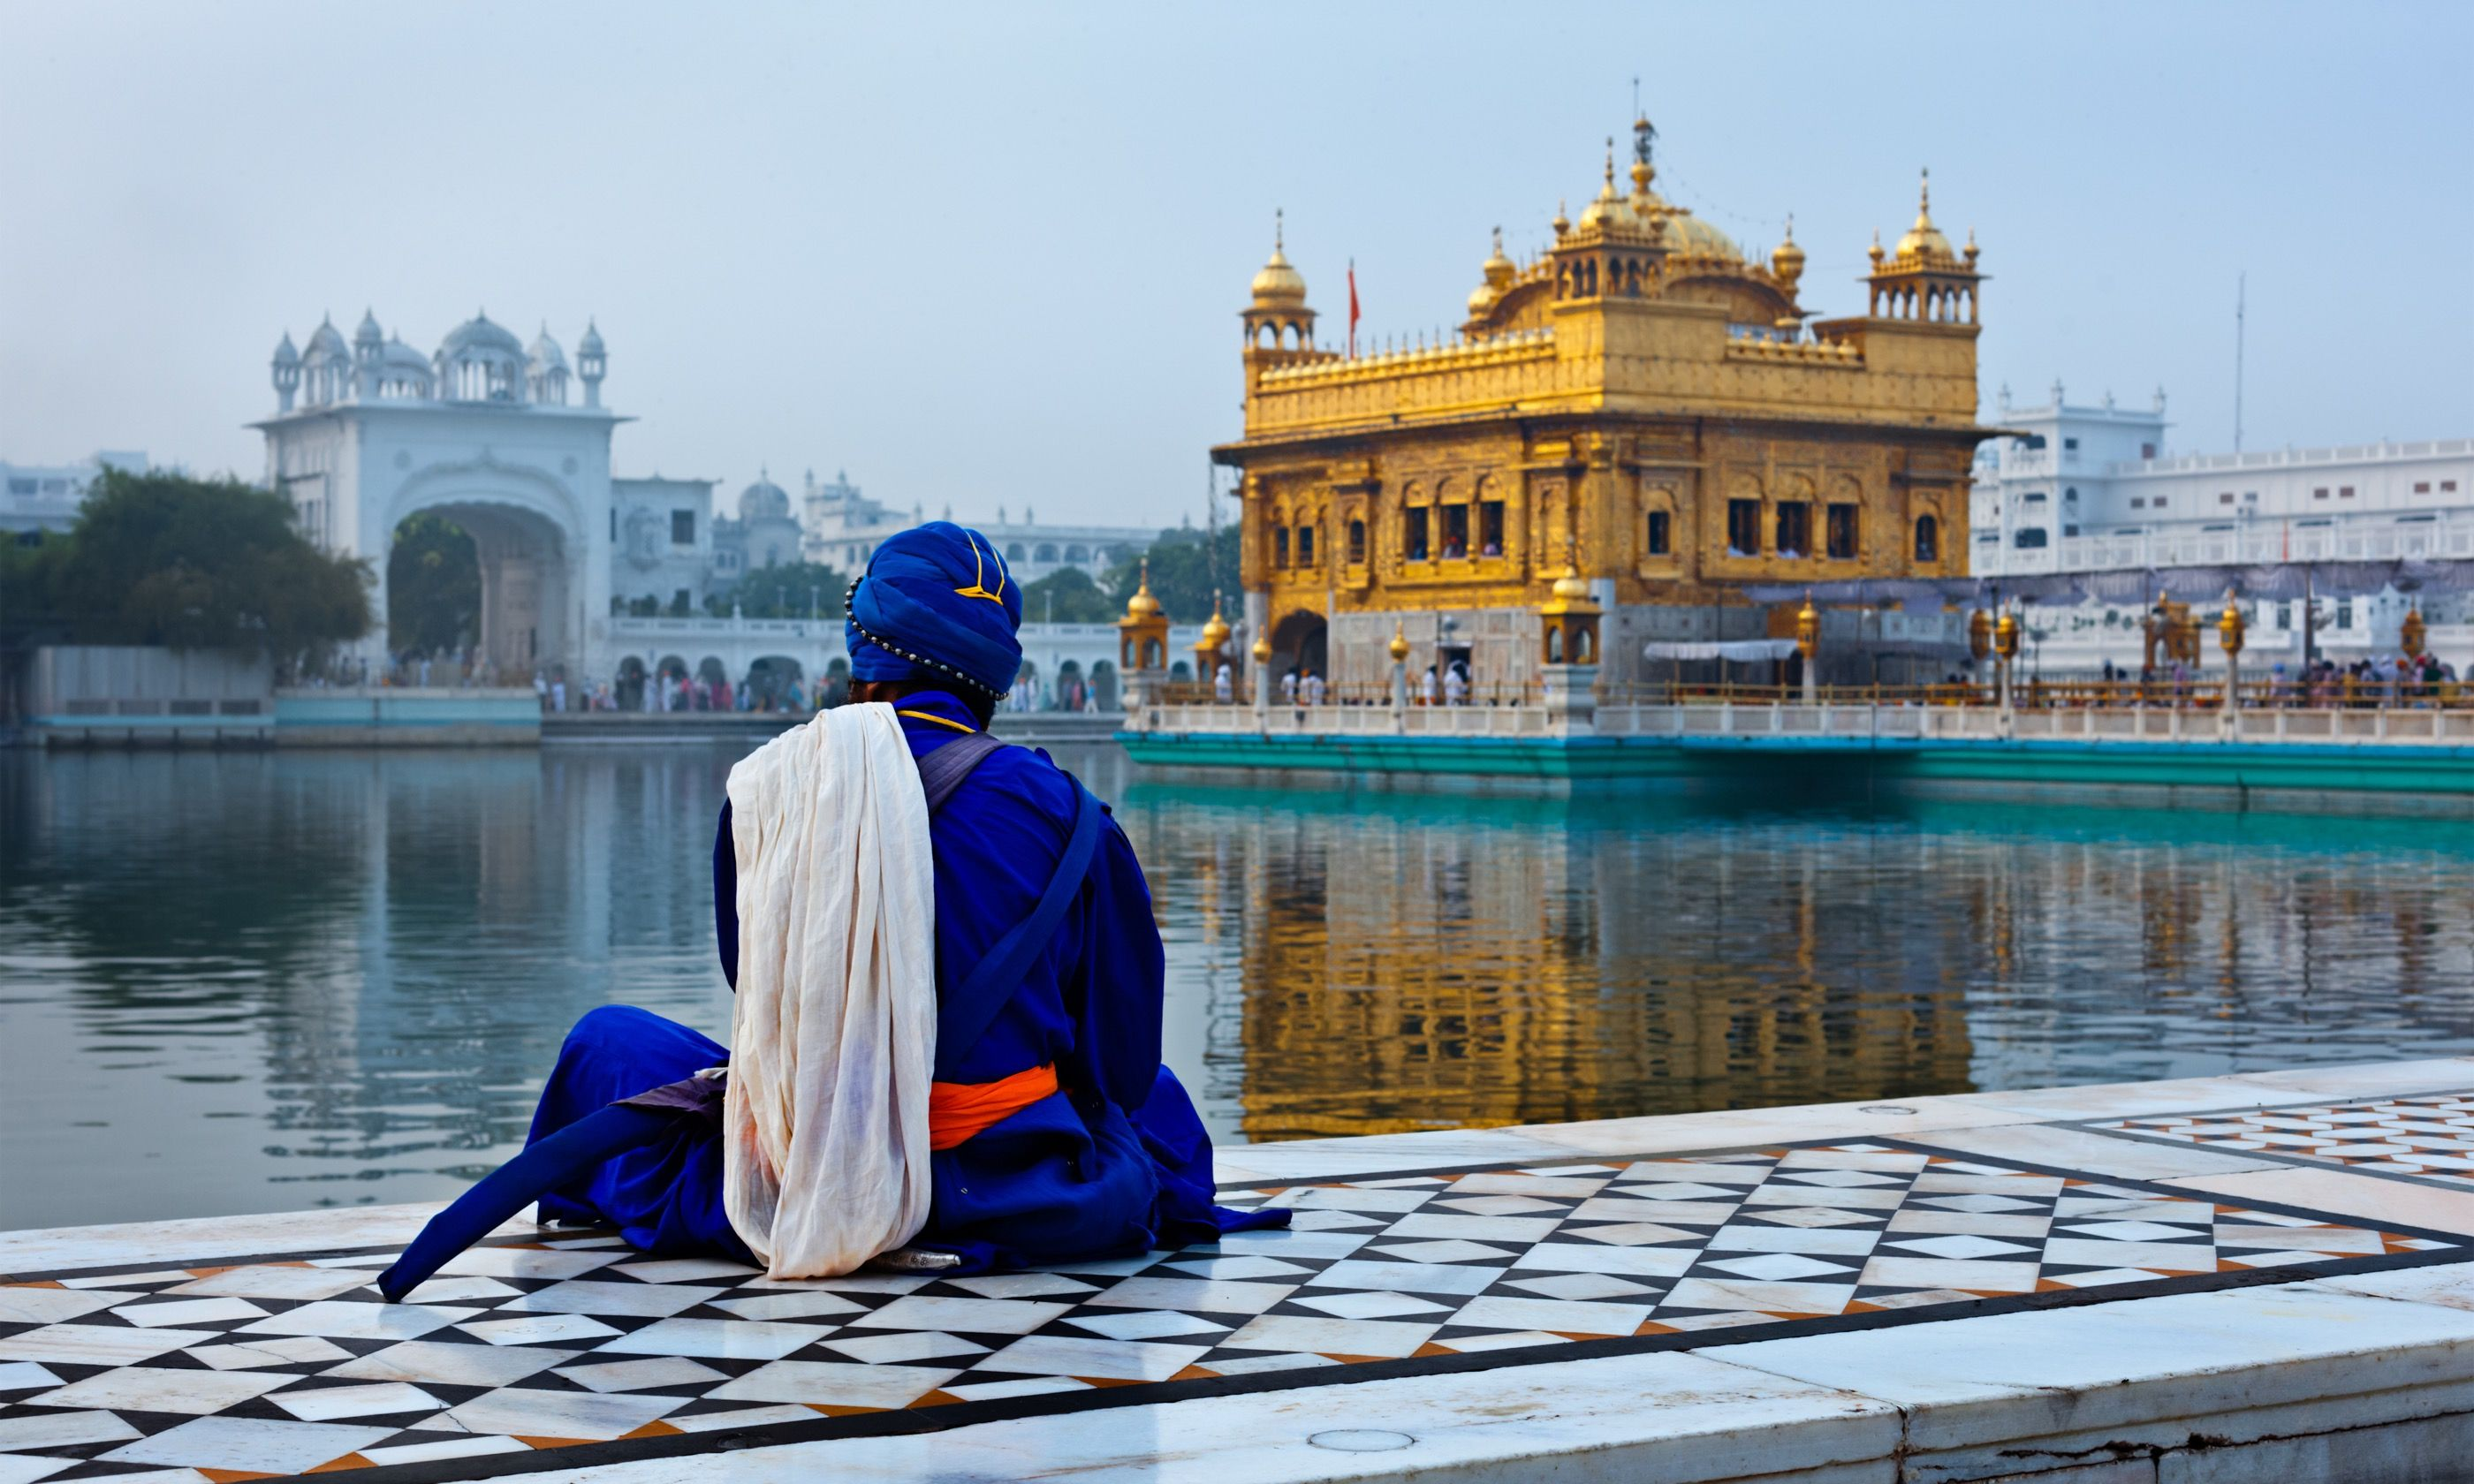 Pilgrim mediating beside the Golden Temple (Shutterstock.com)